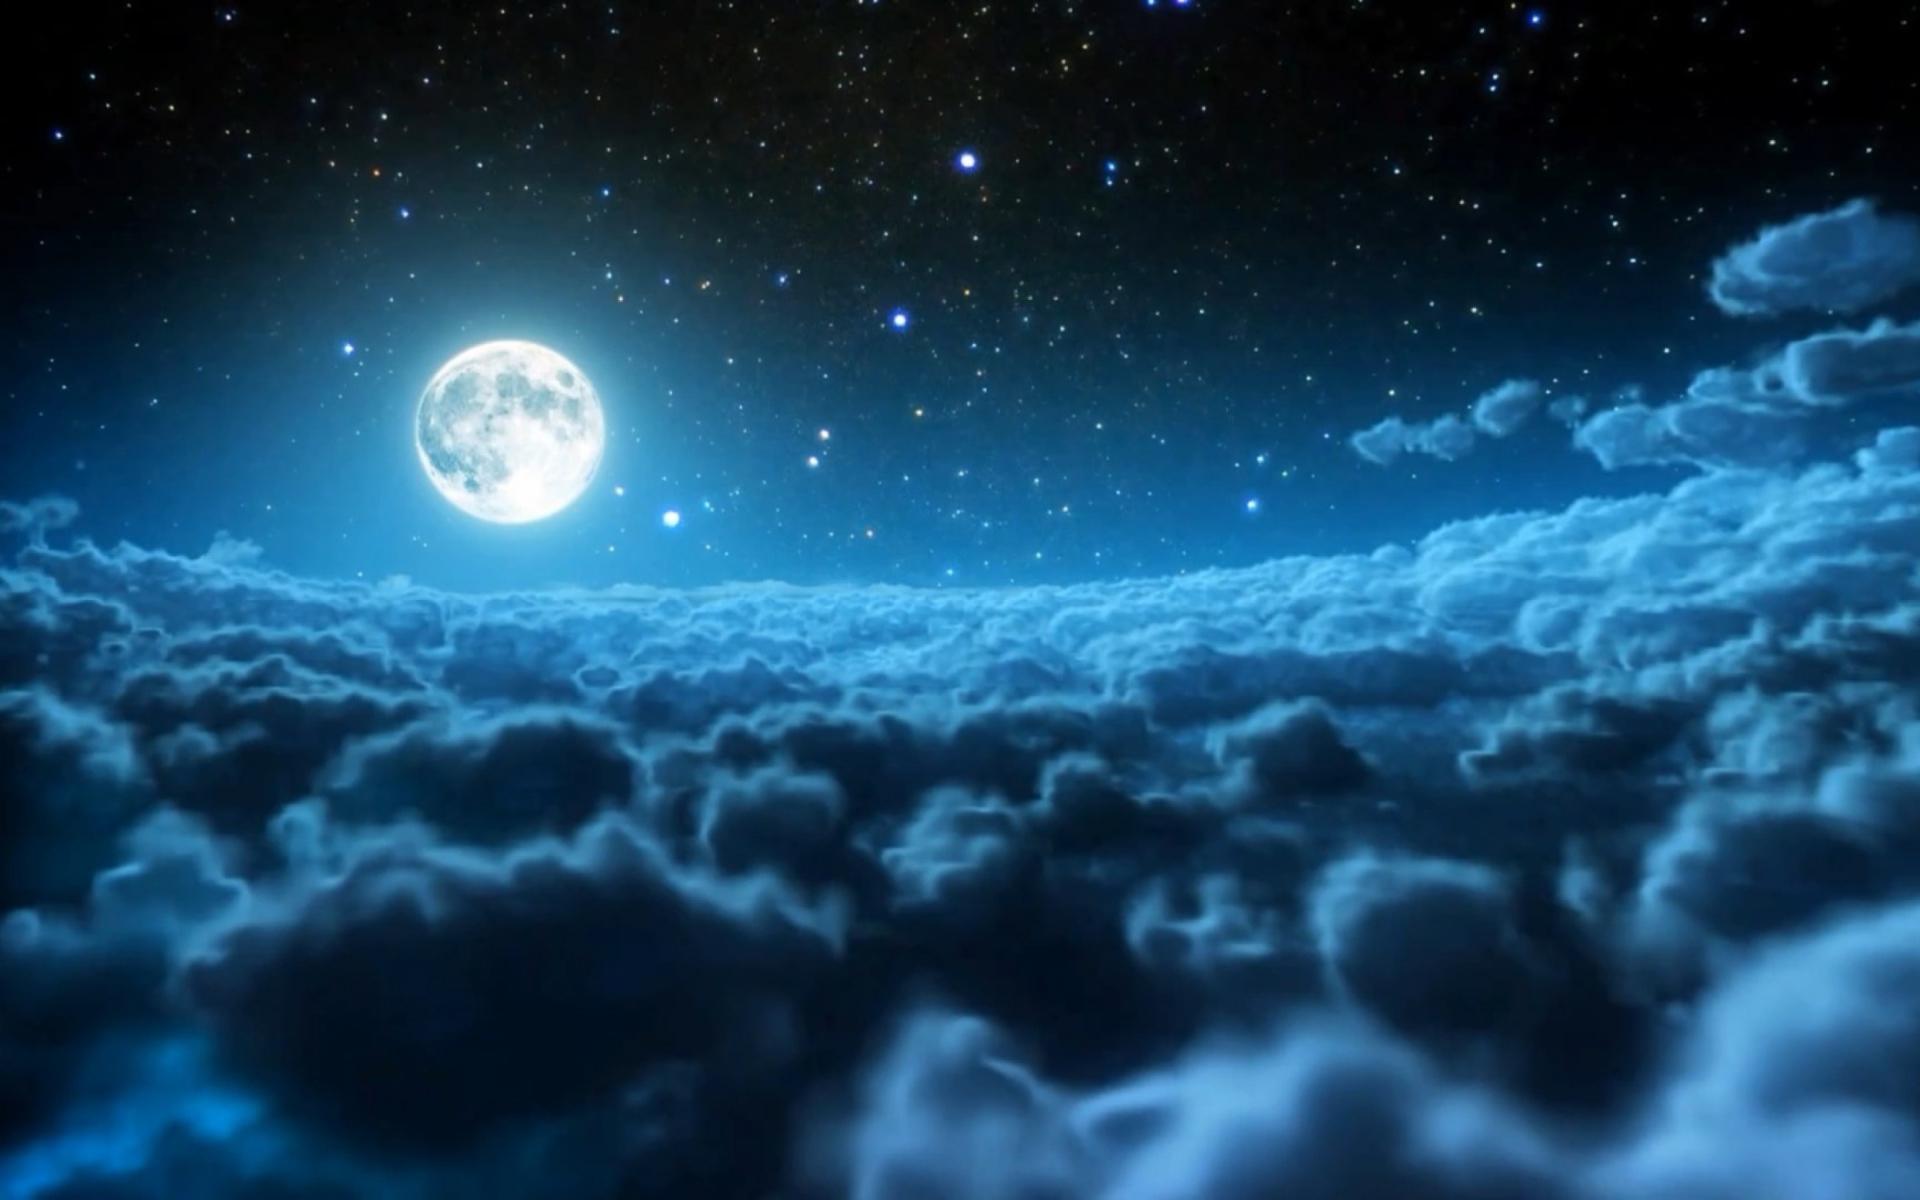 падающая звезда луна ночь небо скачать